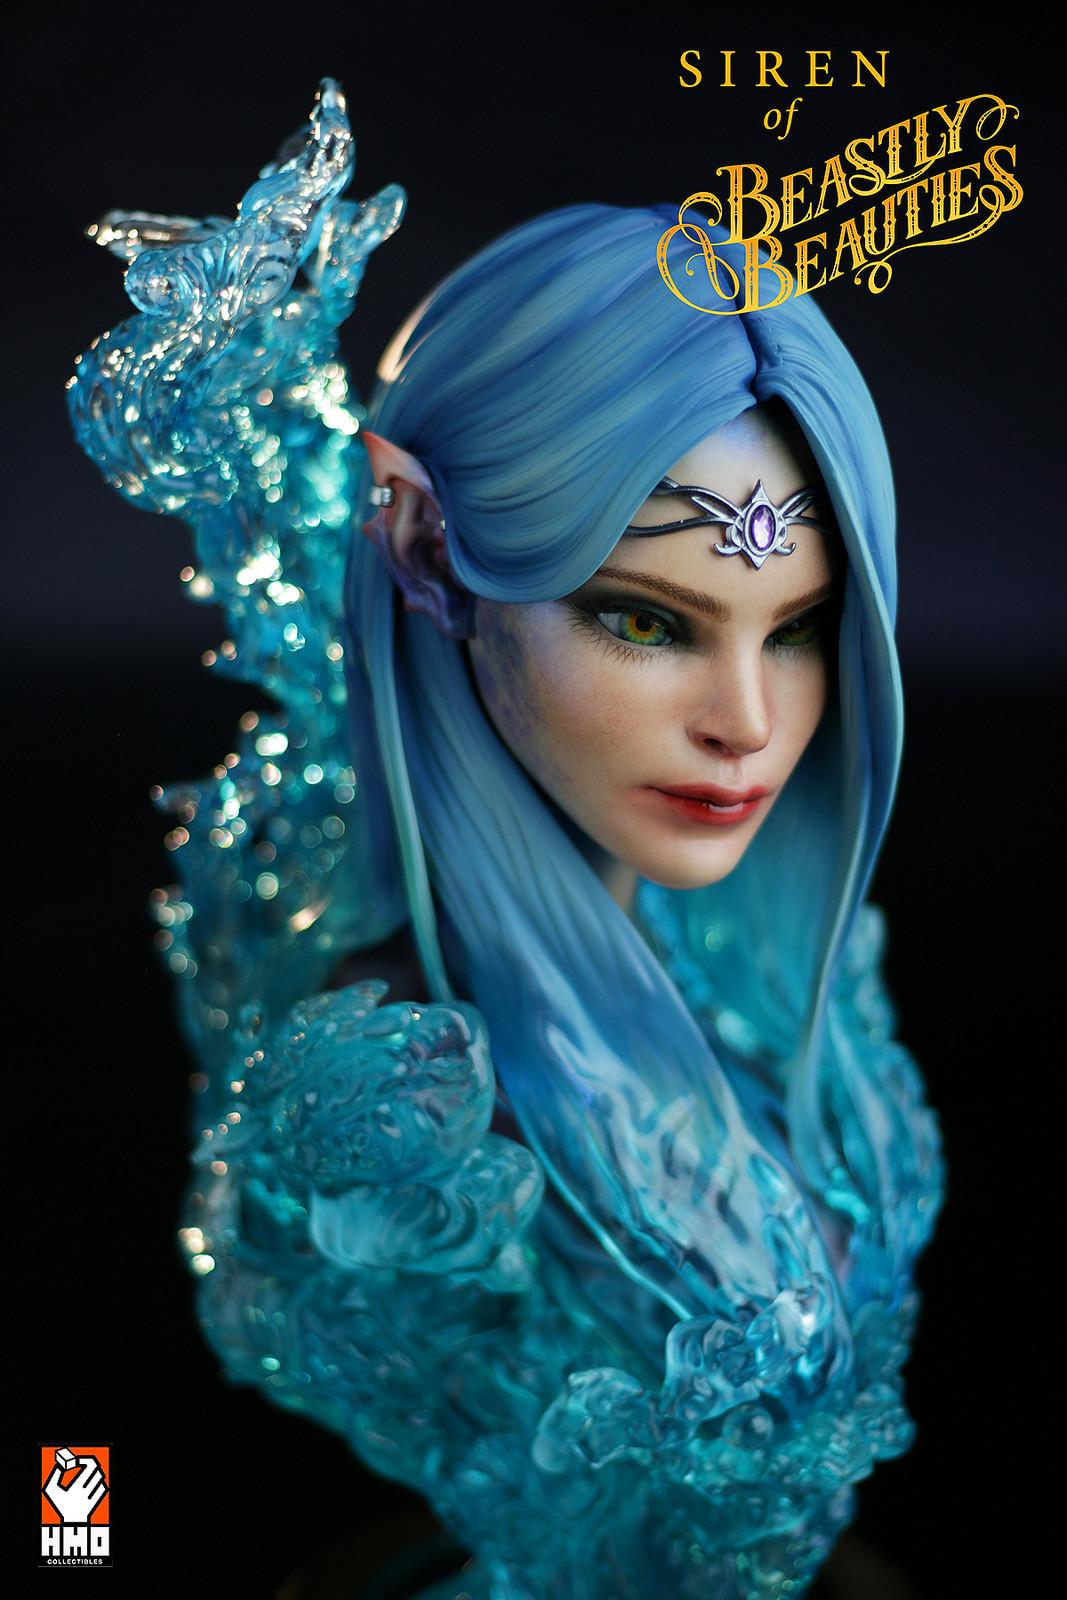 Siren - Beastly Beauties